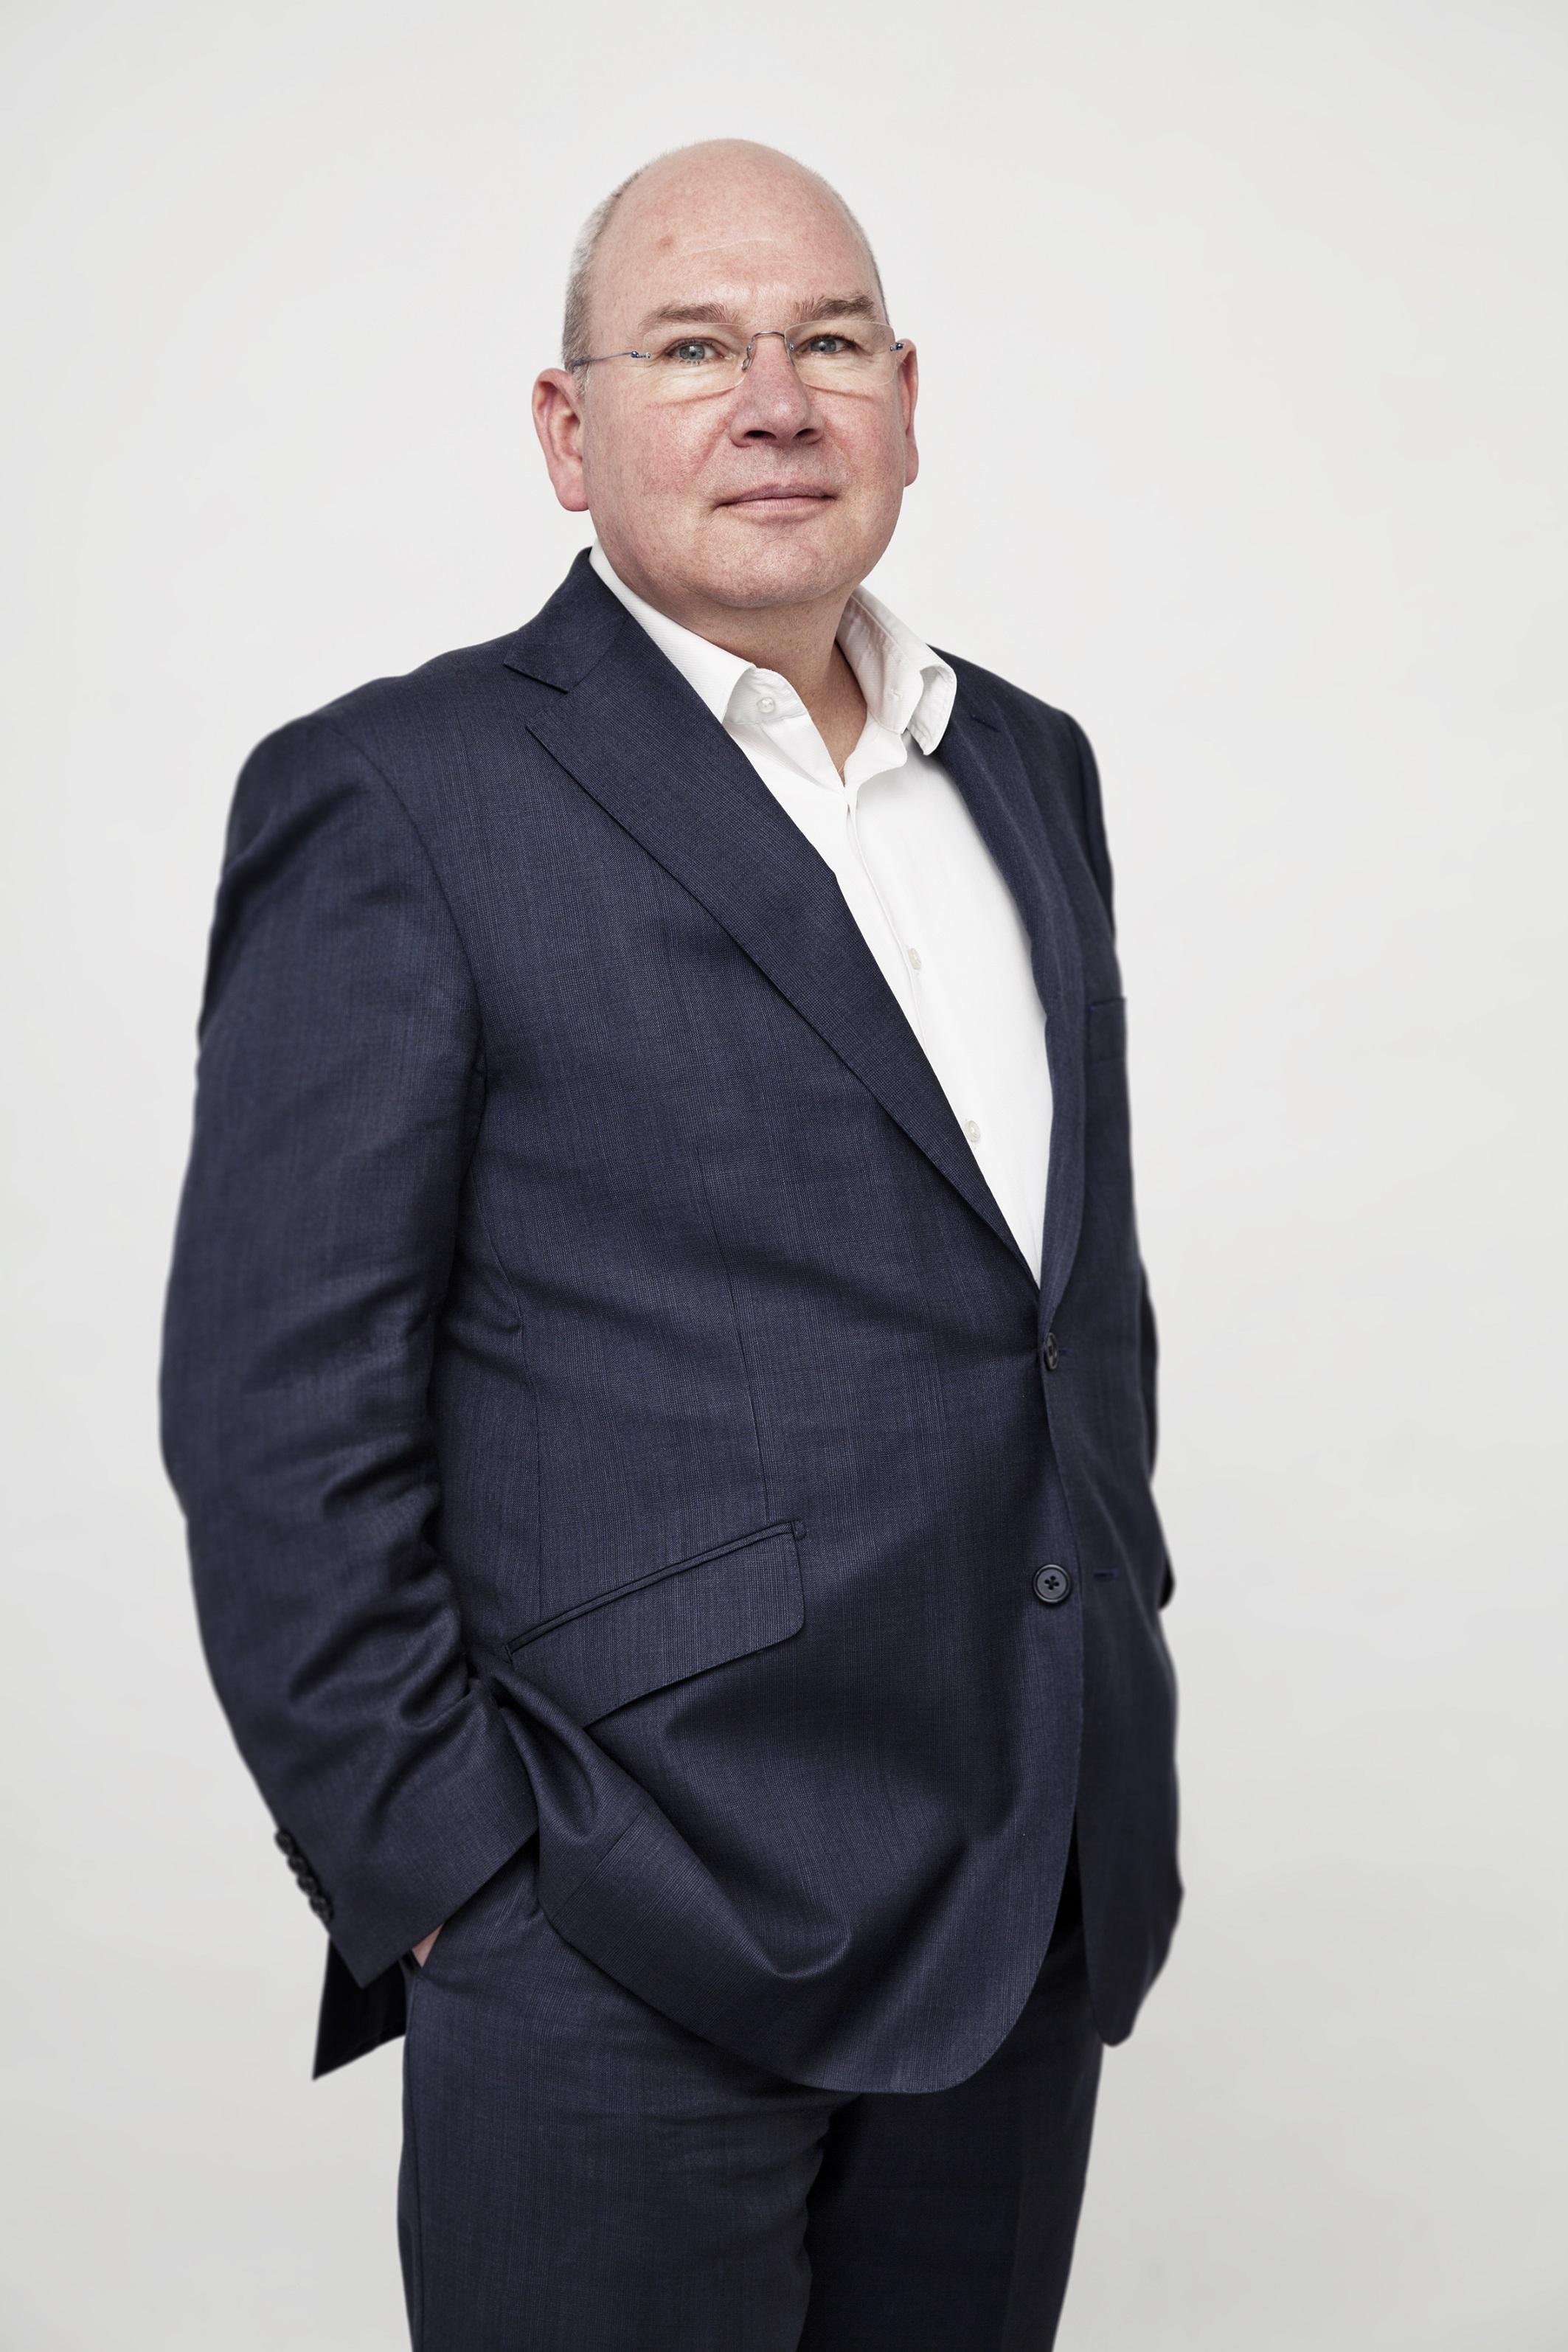 Richard Lock is toegetreden als consultant van Thexton Armstrong in de regio Apeldoorn. Bron: FranchiseFormules.NL